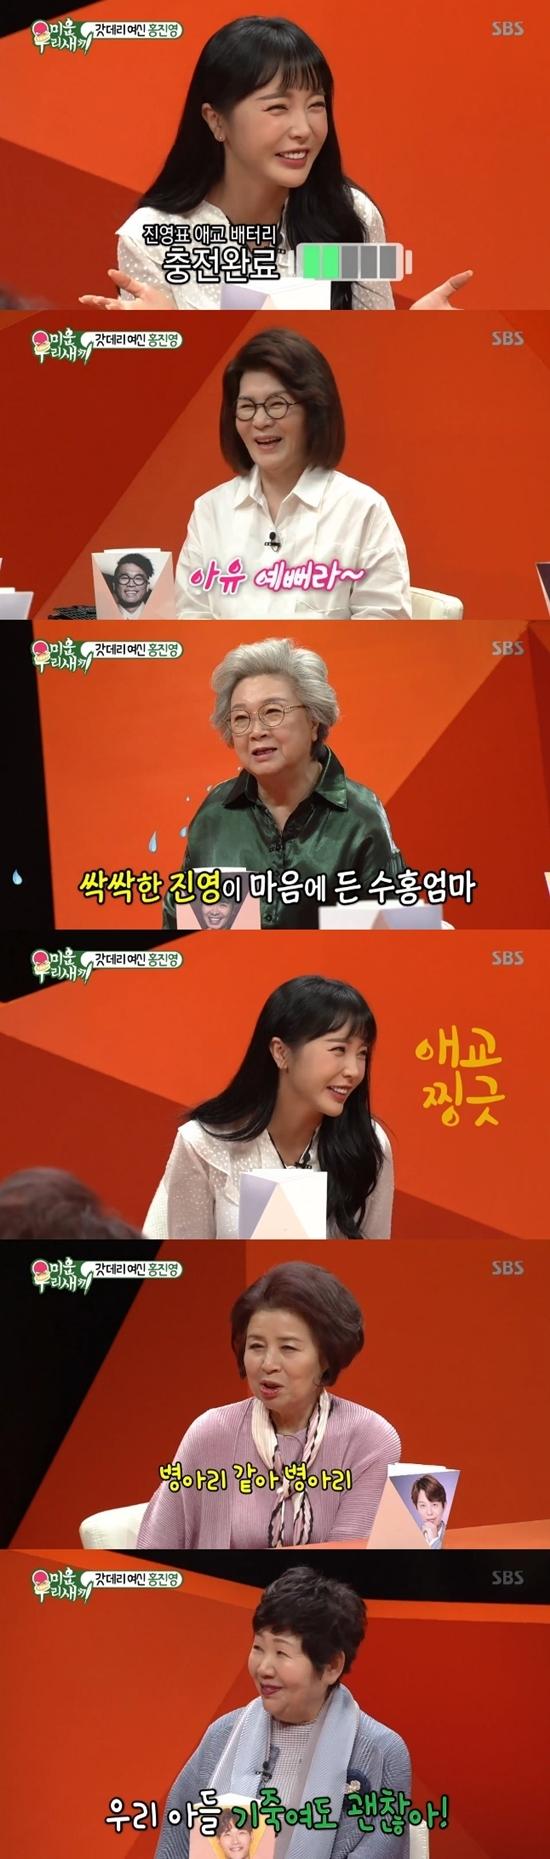 """[RE:TV] """"아유 예뻐라"""" '미우새' 홍진영, 母벤져스도 반한 '인간 비타민'"""